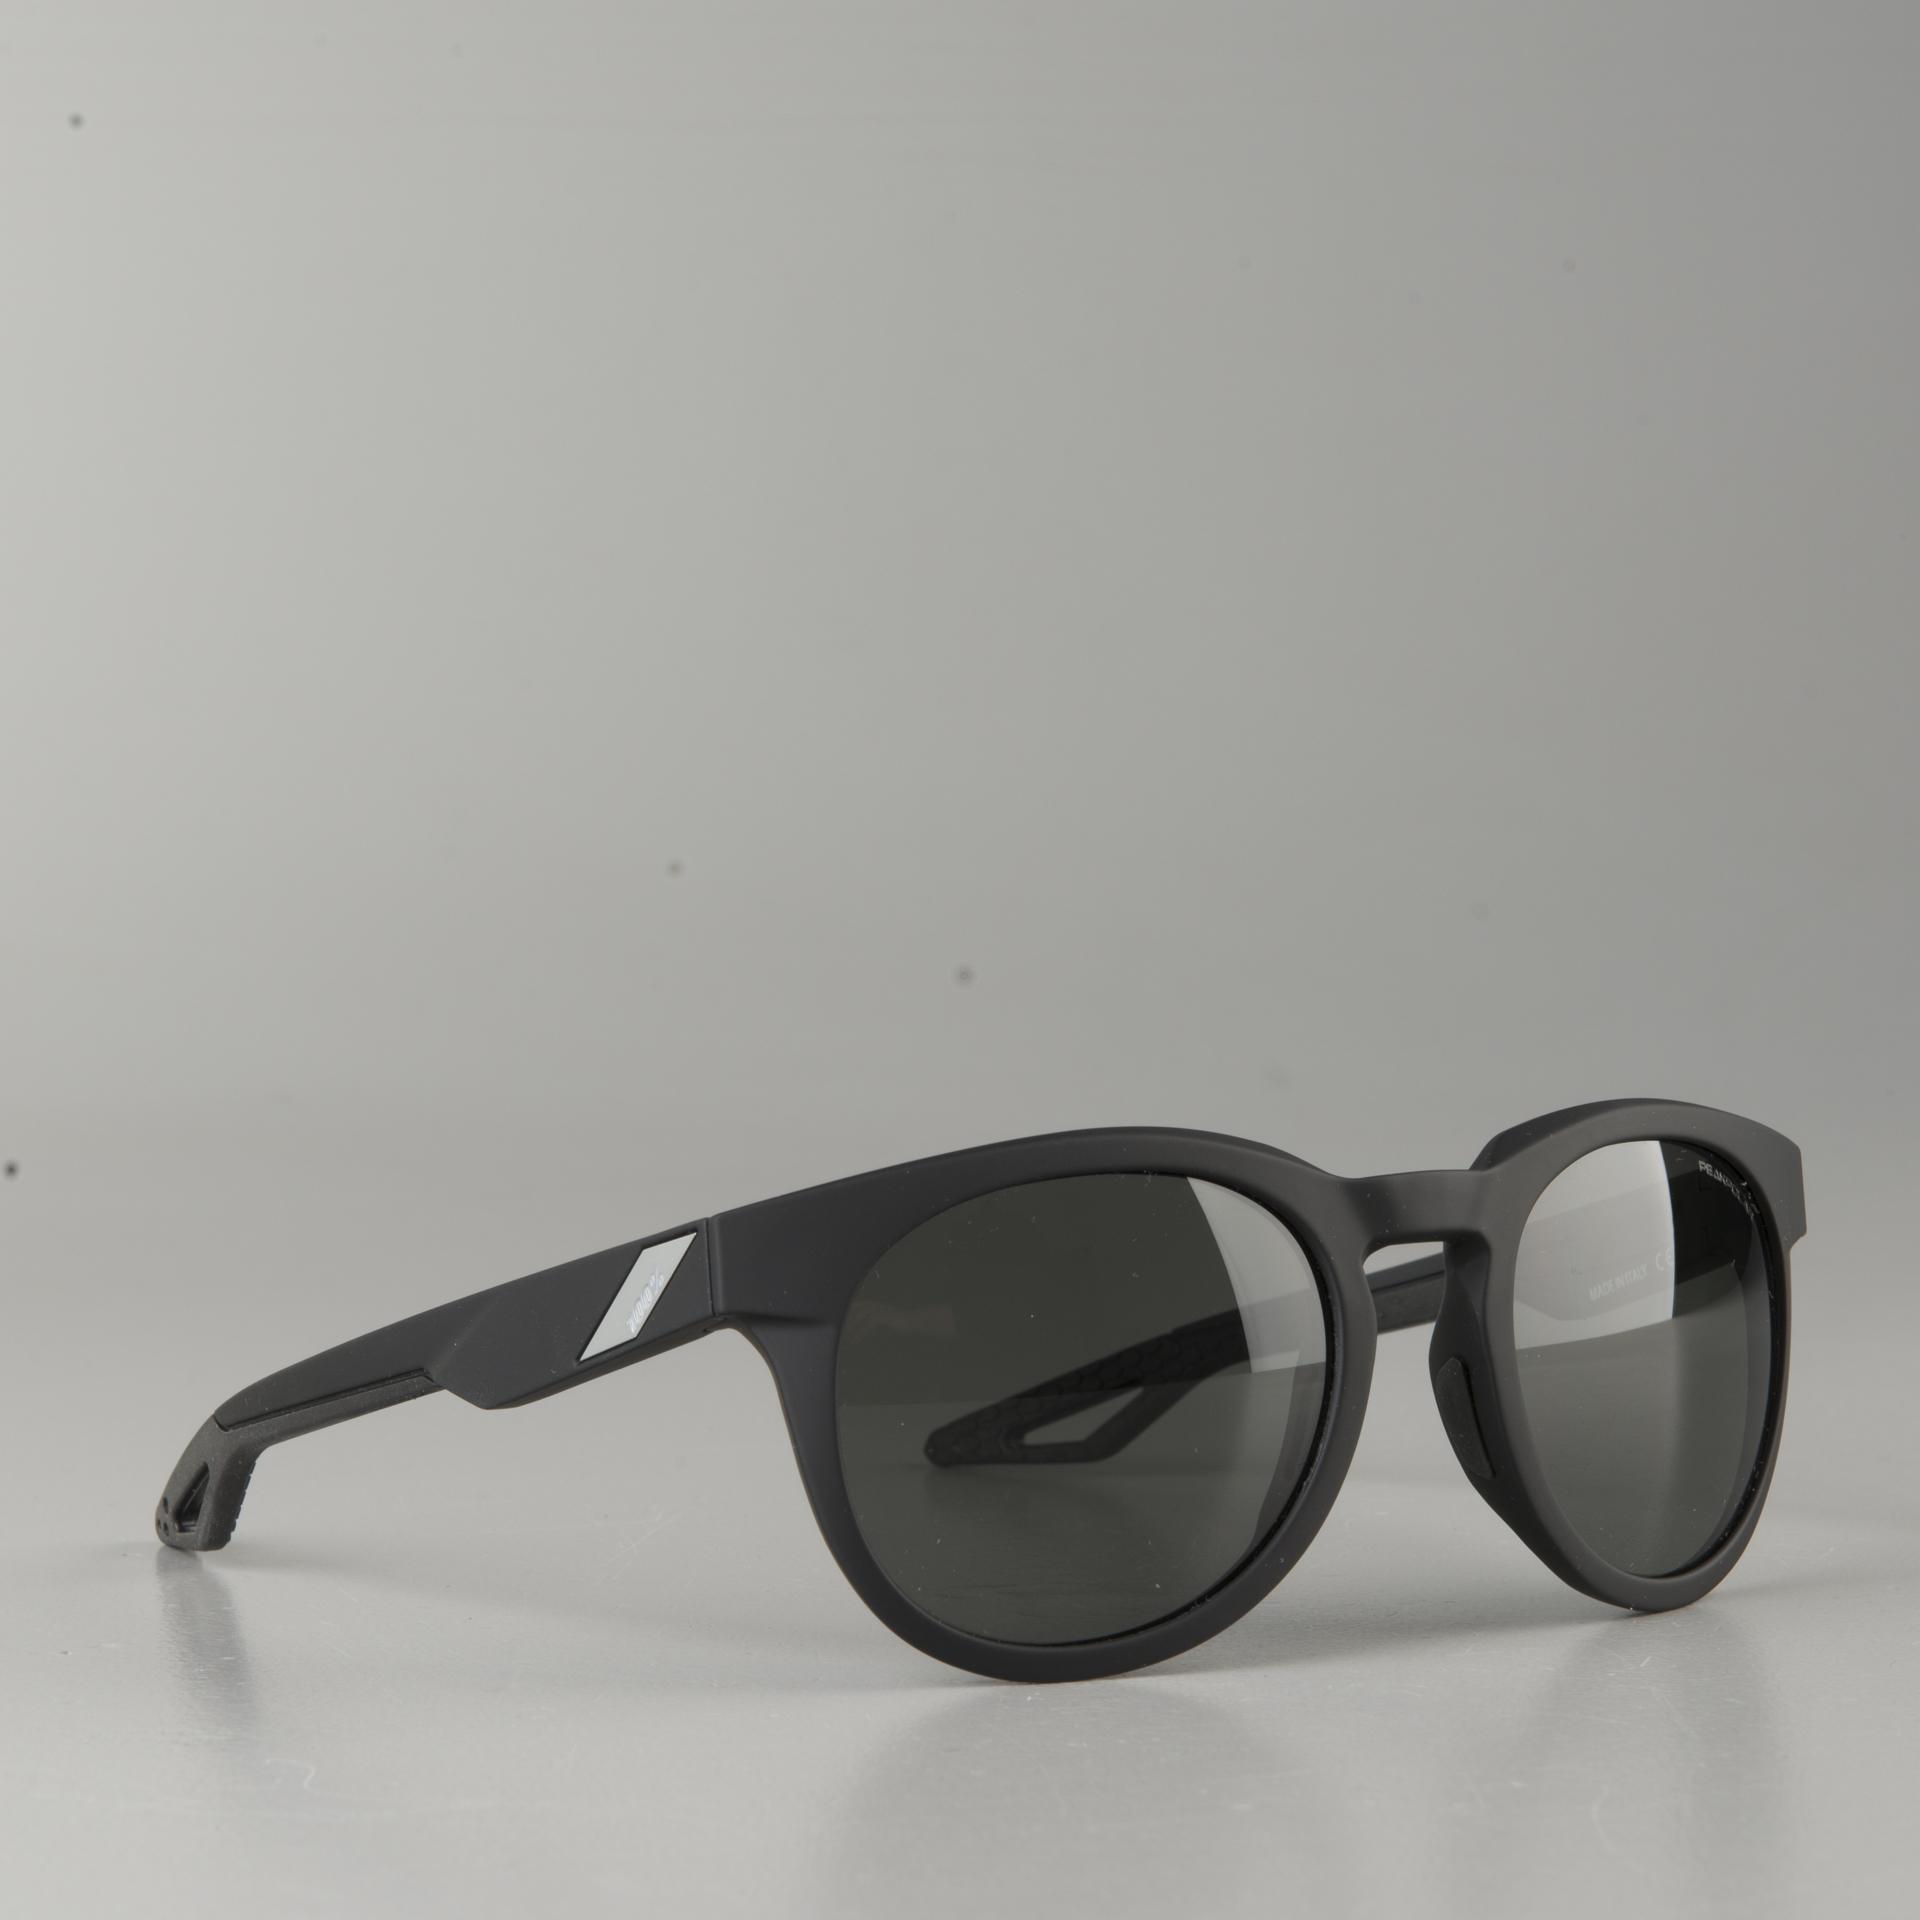 Lunettes de soleil TR90 avec monture grise et verre noirs